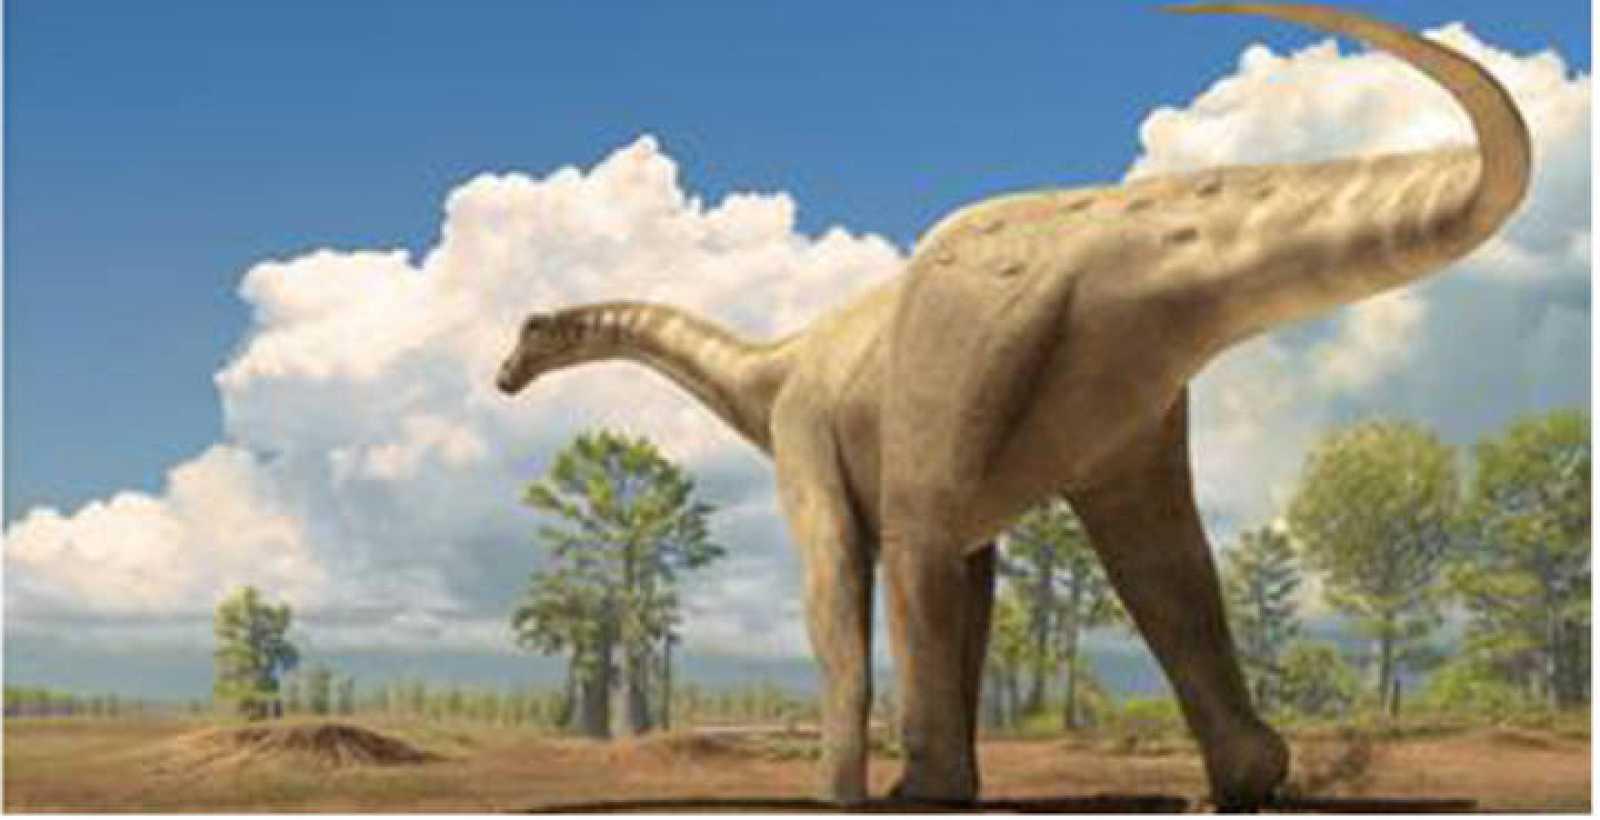 Reconstrucción de un dinosaruio de la familia titanosaurio, que según la investigación se extinguieron repentinamente